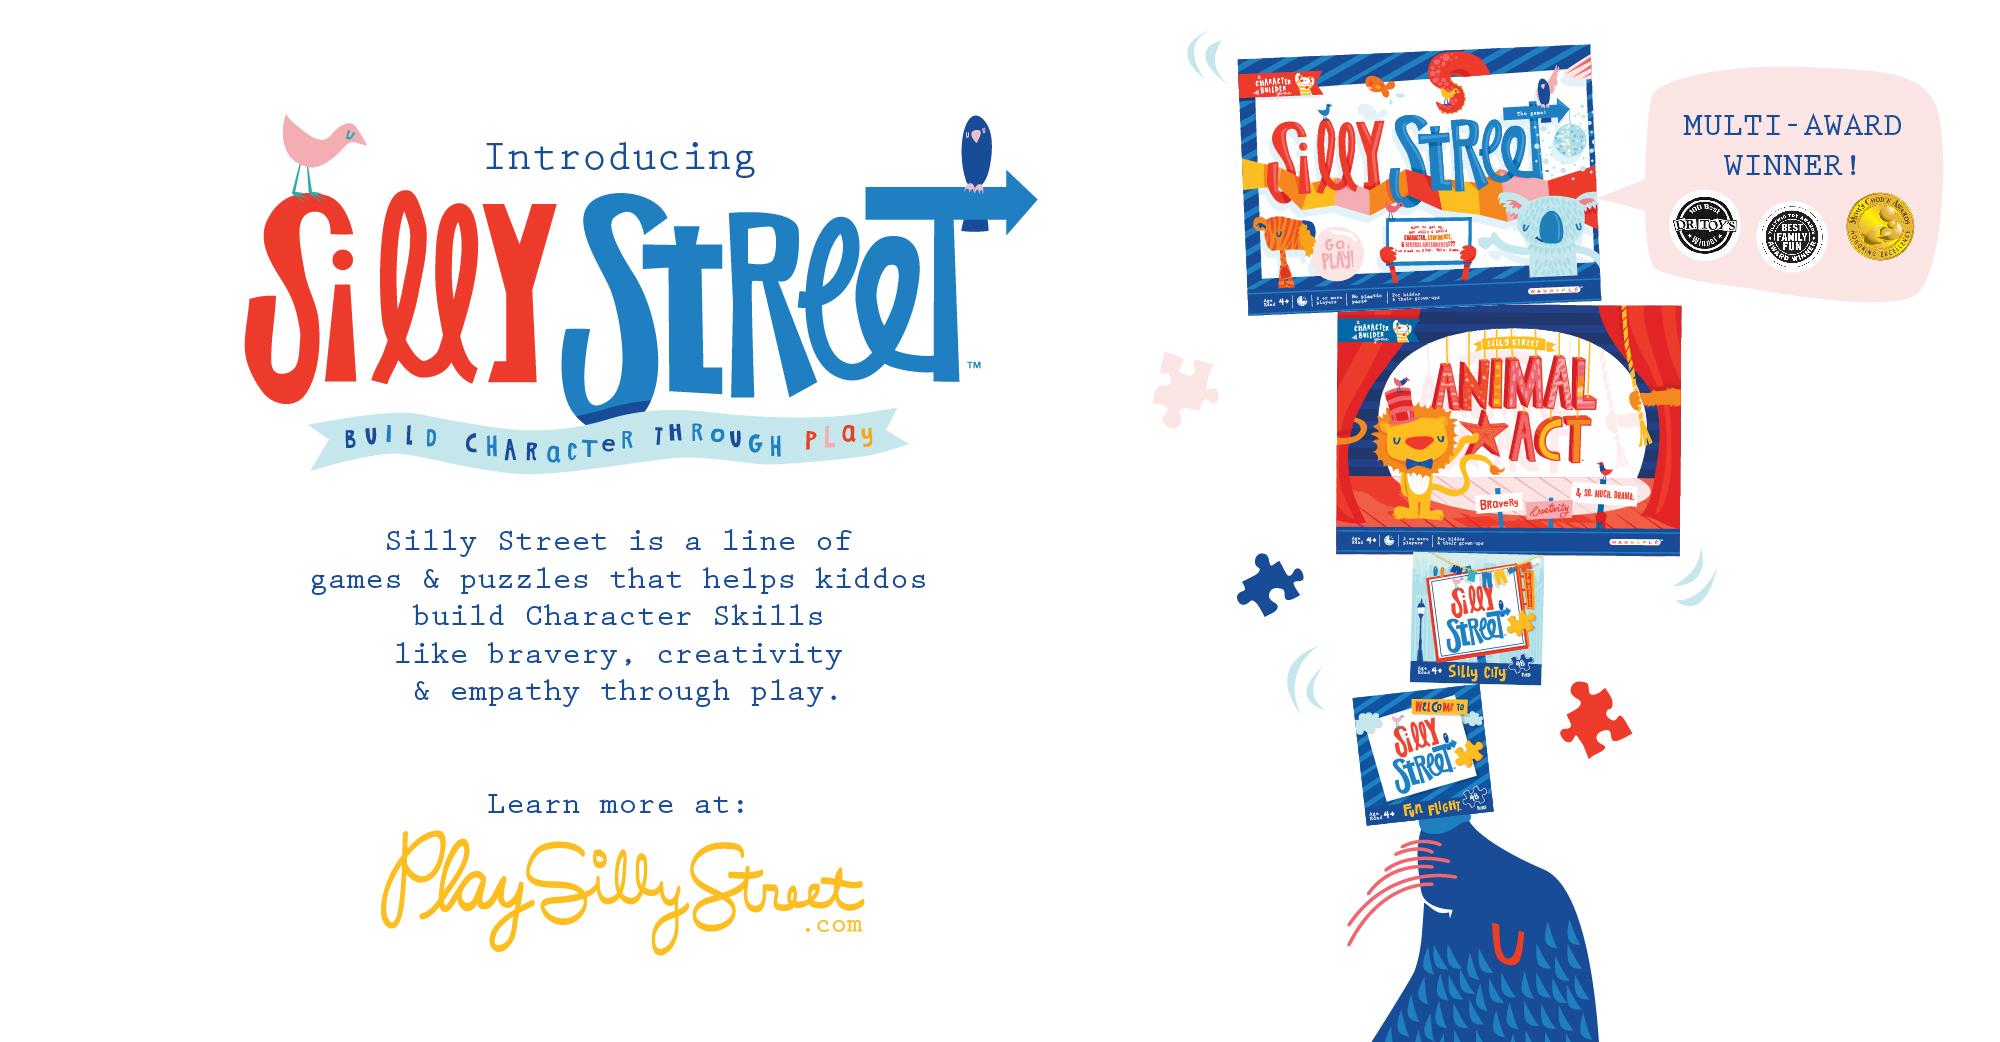 http://playsillystreet.com/